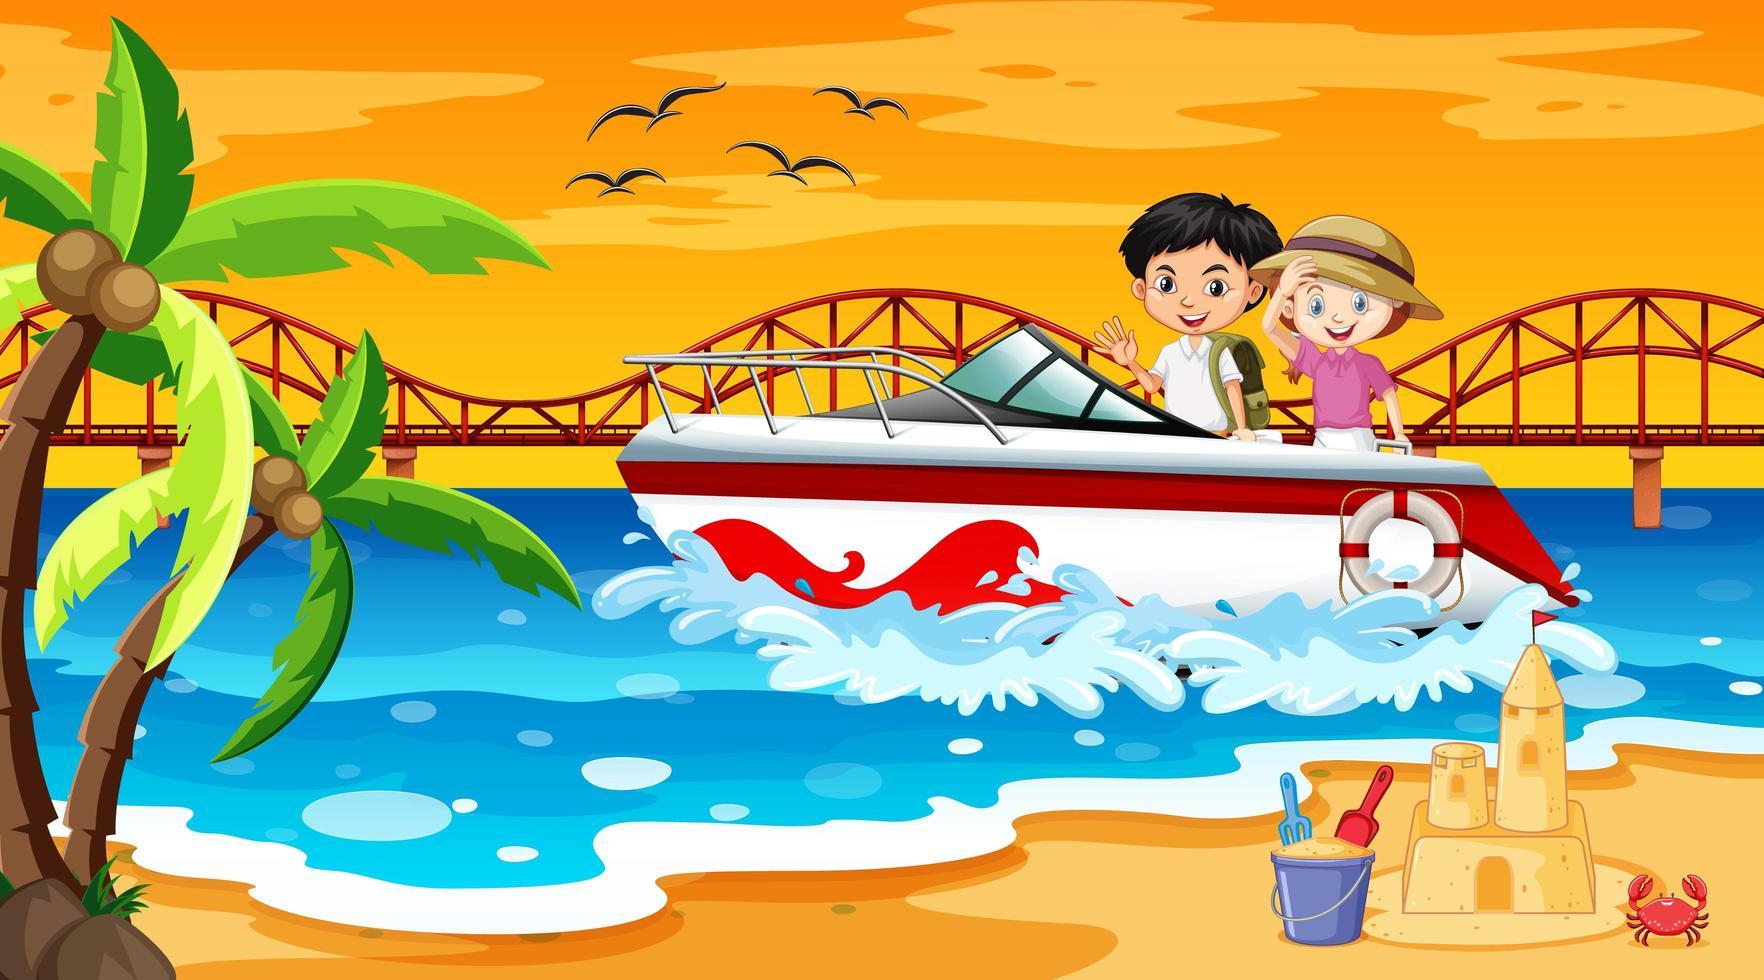 scena della spiaggia con bambini in piedi su un motoscafo vettore